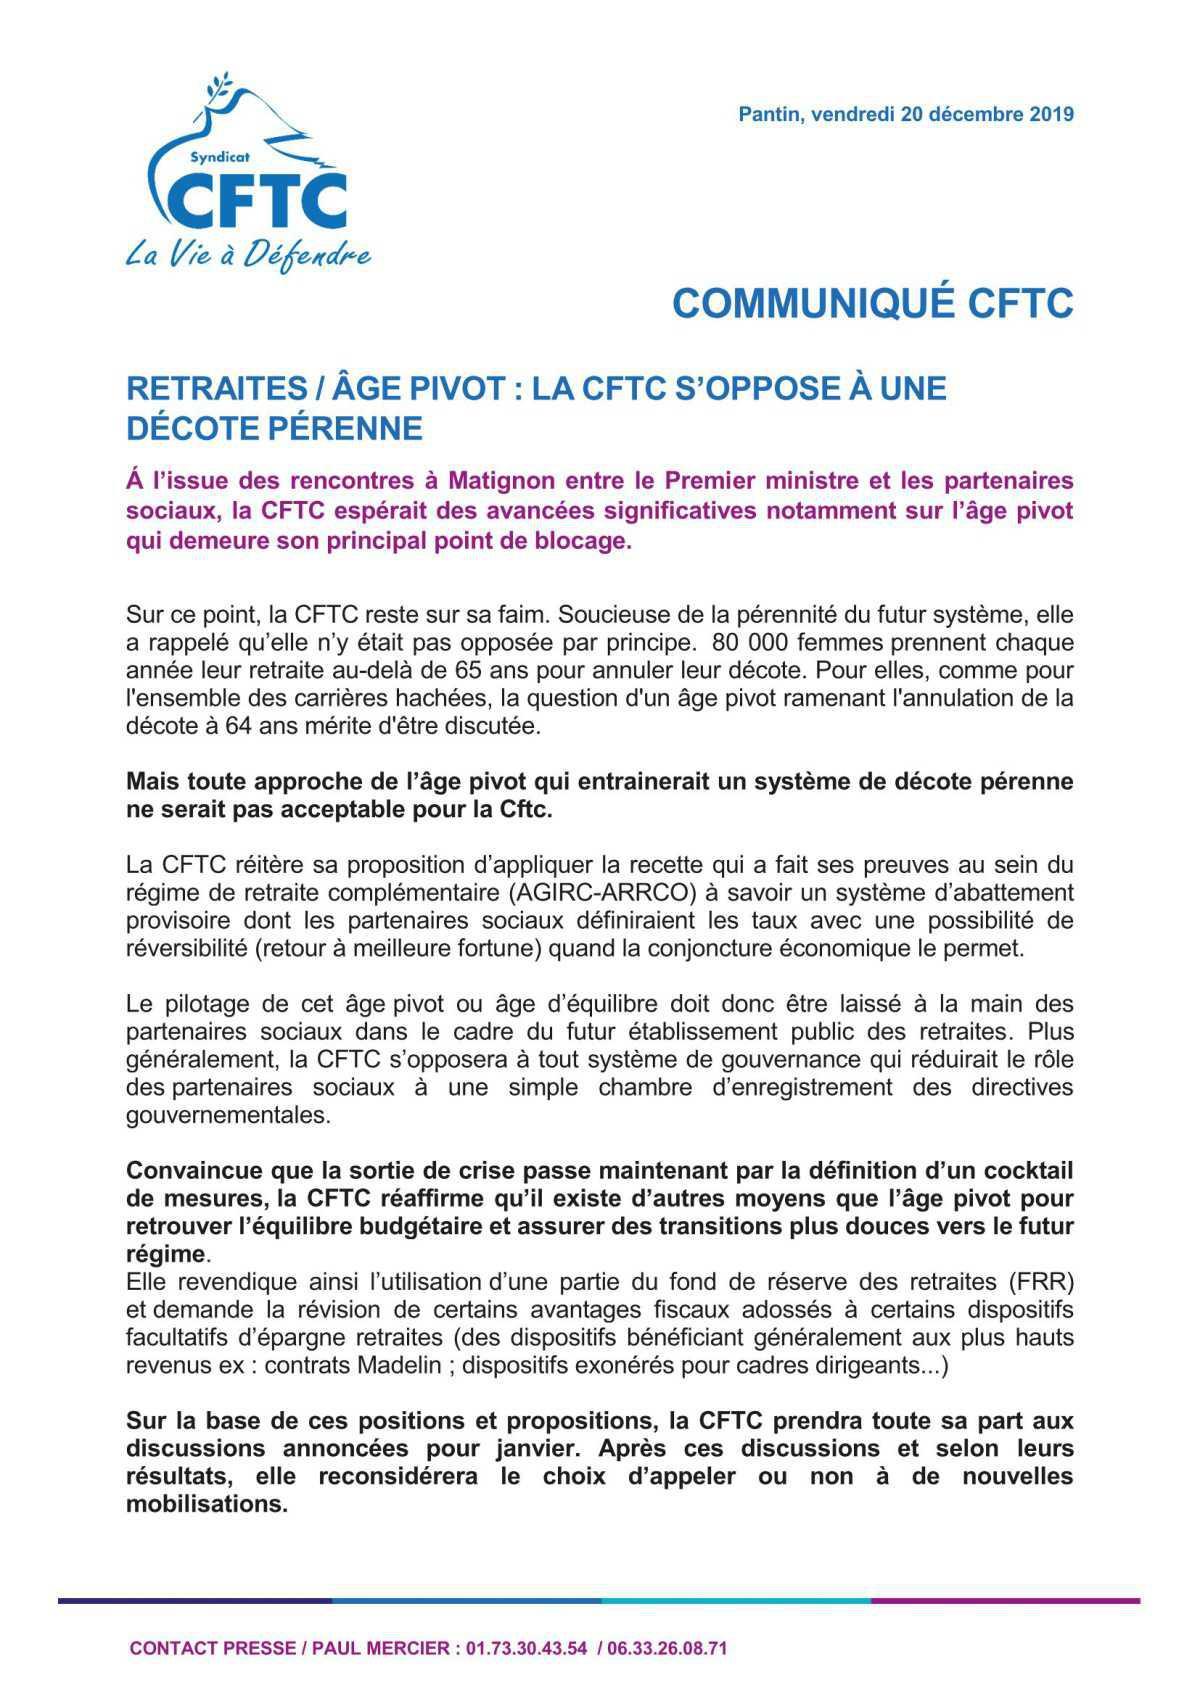 RETRAITES / ÂGE PIVOT : LA CFTC S'OPPOSE À UNE DÉCOTE PÉRENNE